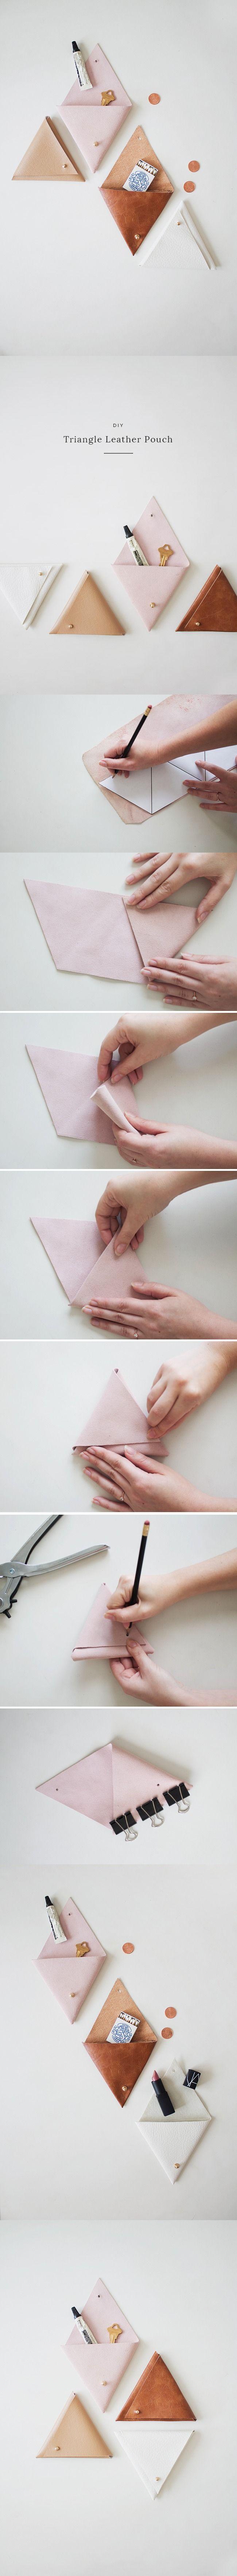 Bello estuche de cuero sintético - Muy Ingenioso                                                                                                                                                                                 Más